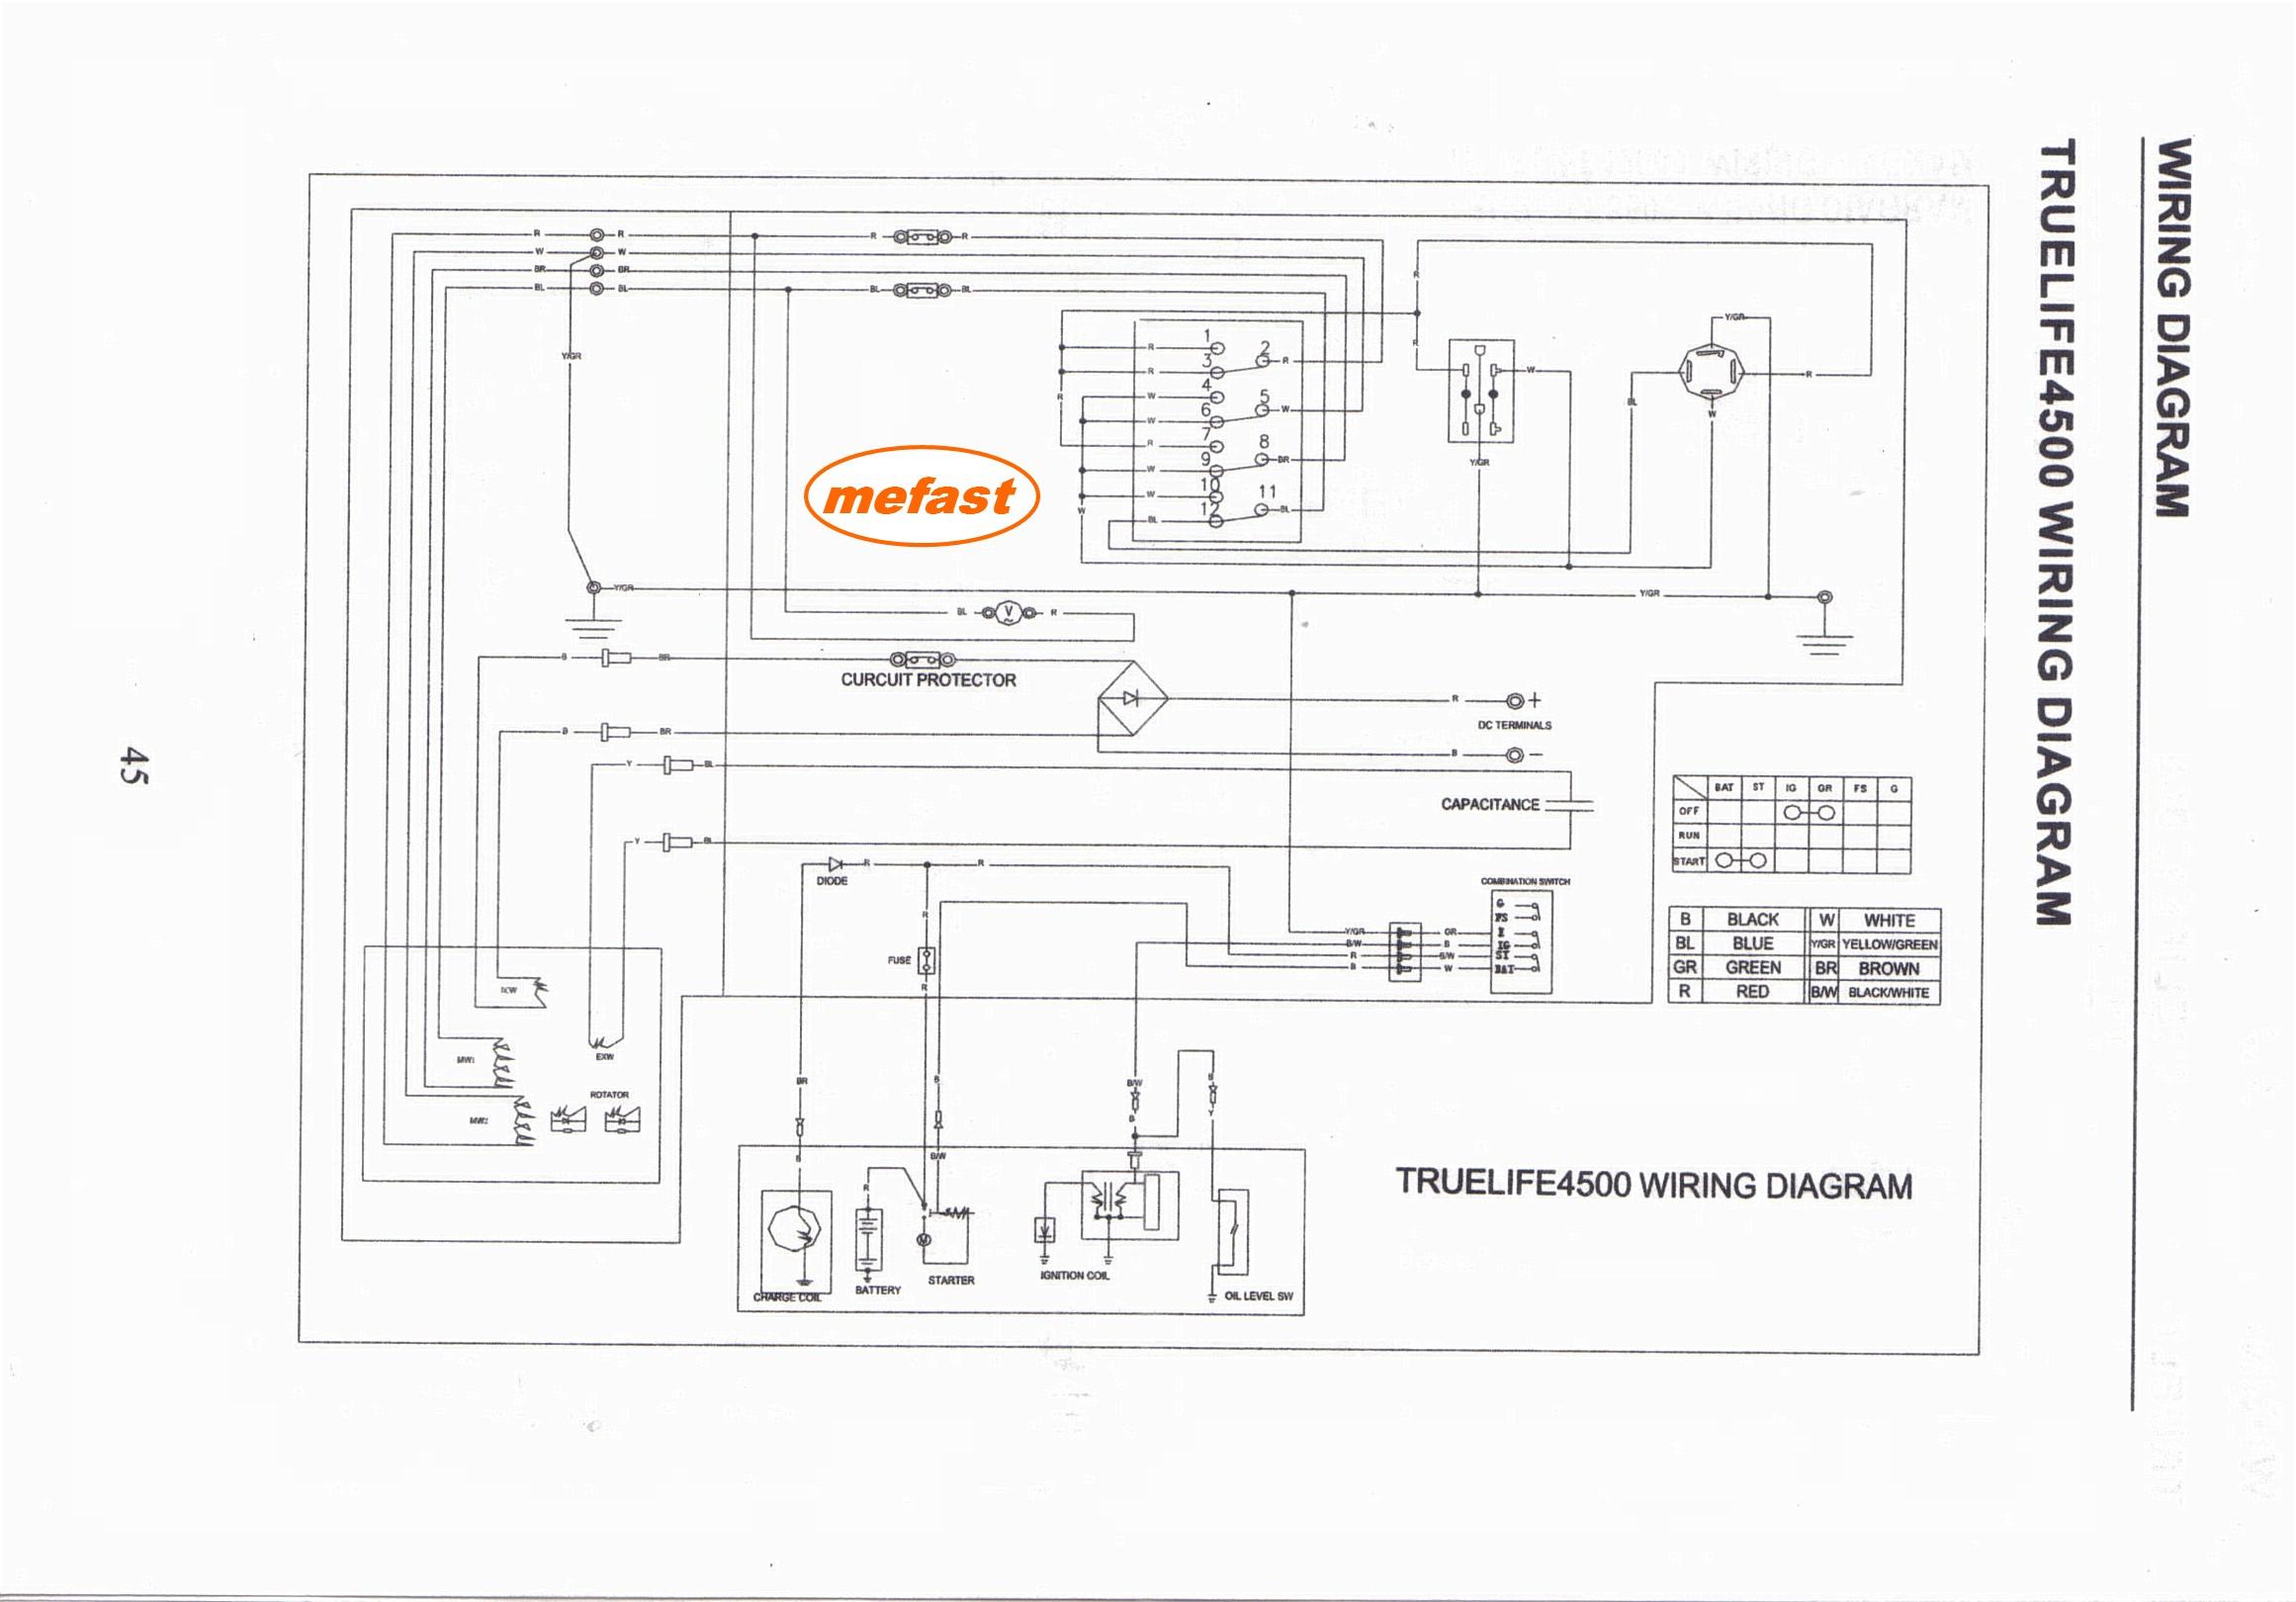 Truelife Generator Wire Diagram